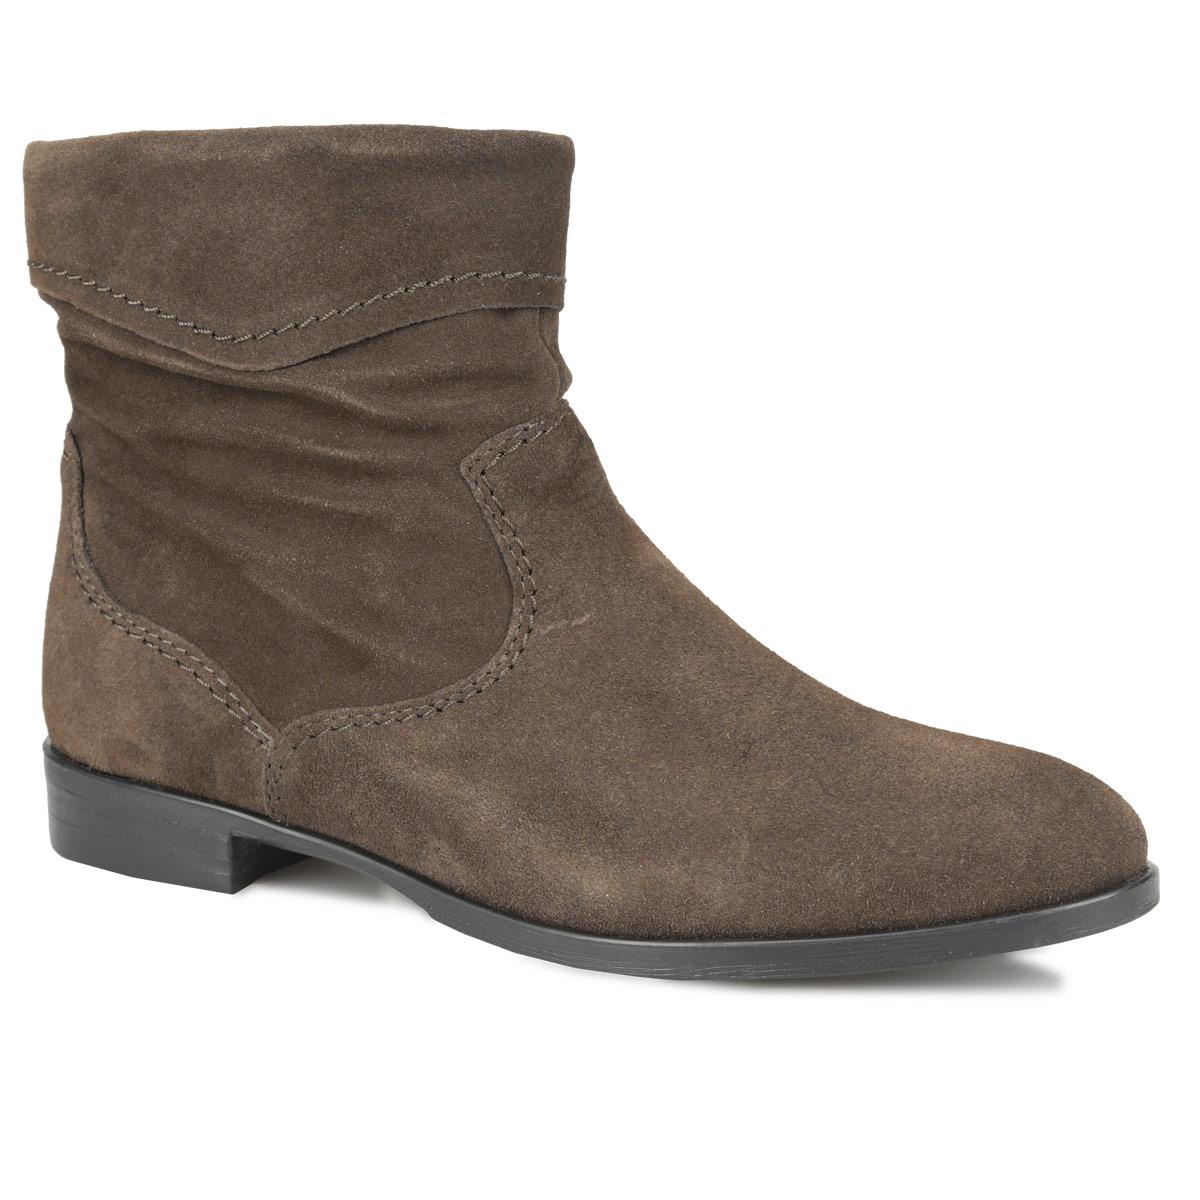 Ботинки женские. 1-1-25005-25-2301-1-25005-25-230Модные женские ботинки от Tamaris заинтересуют вас своим дизайном. Модель выполнена из натуральной кожи. Верх изделия декорирован отворотом. Утепленная подкладка защитит ноги от холода и обеспечит комфорт. Ботинки застегиваются на застежку-молнию, расположенную сбоку. Подошва из резины с рельефным протектором обеспечивает отличное сцепление на любой поверхности. В этих ботинках вашим ногам будет комфортно и уютно. Они подчеркнут ваш стиль и индивидуальность.